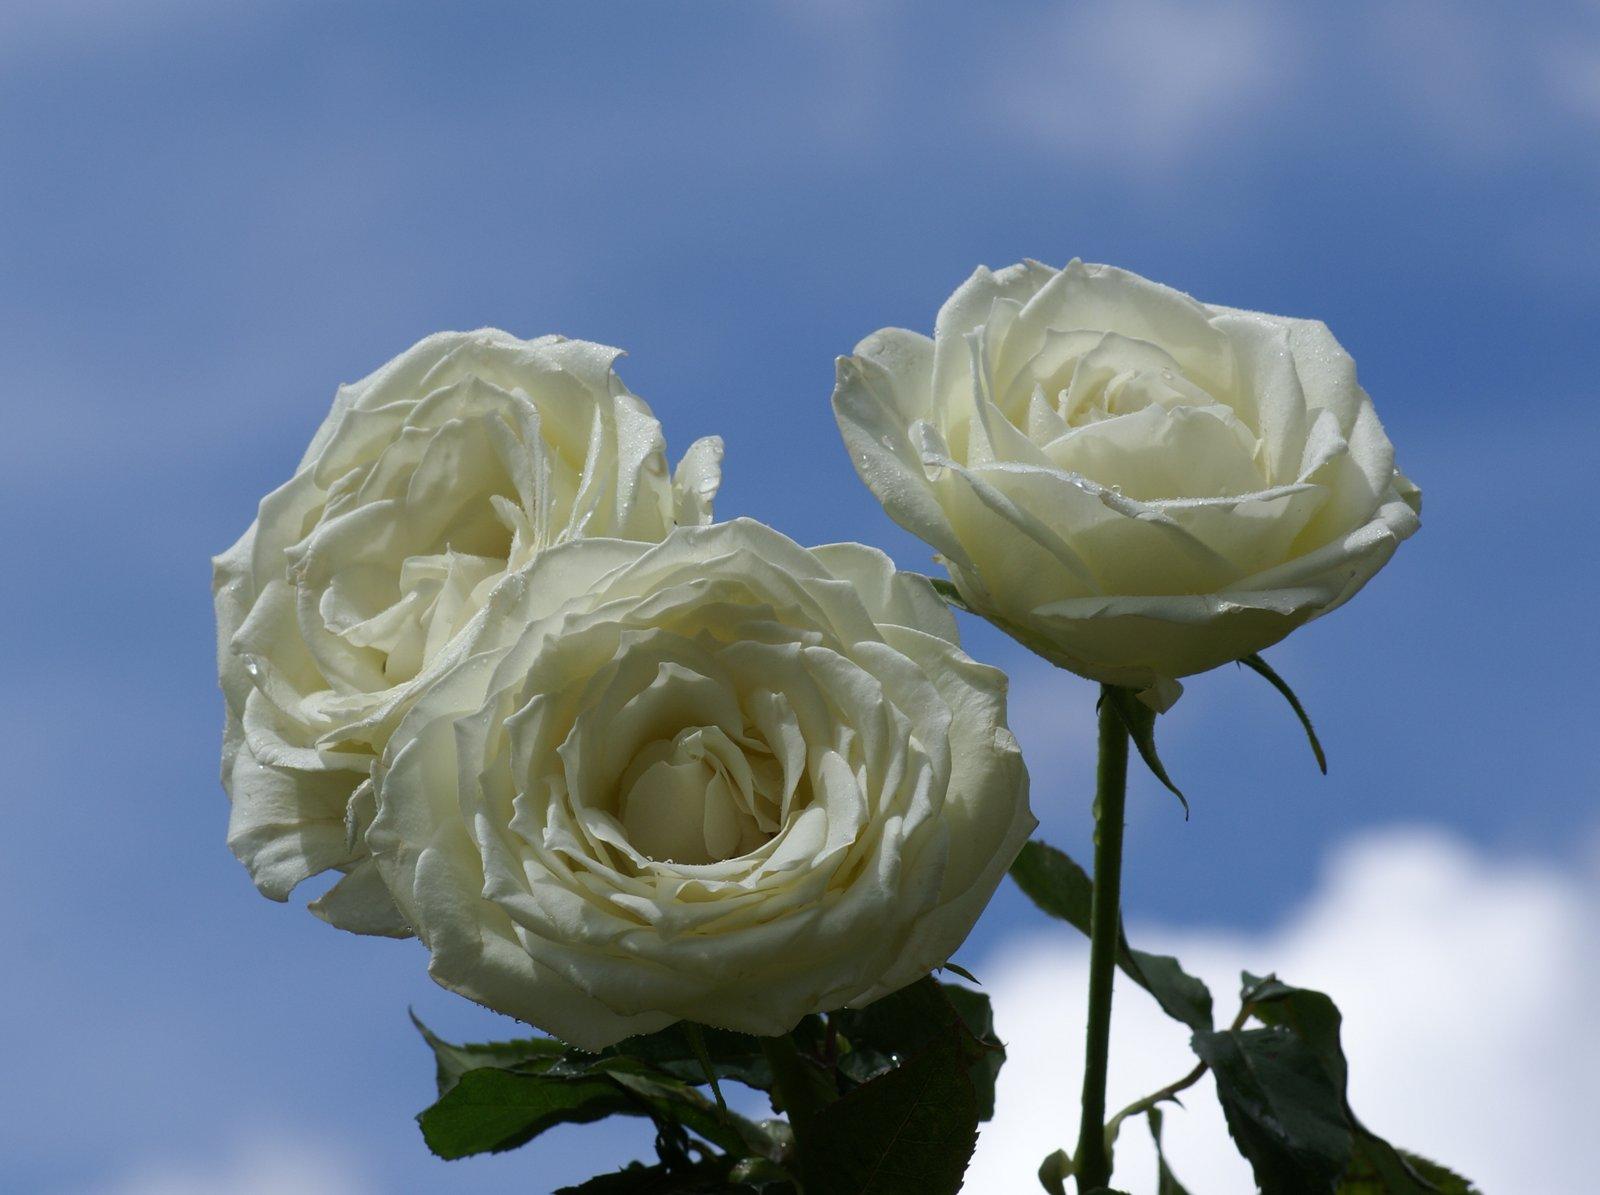 Imagenes De Rosas Blancas Hermosas - Rosas Blancas Imágenes De Archivo Vectores 123RF